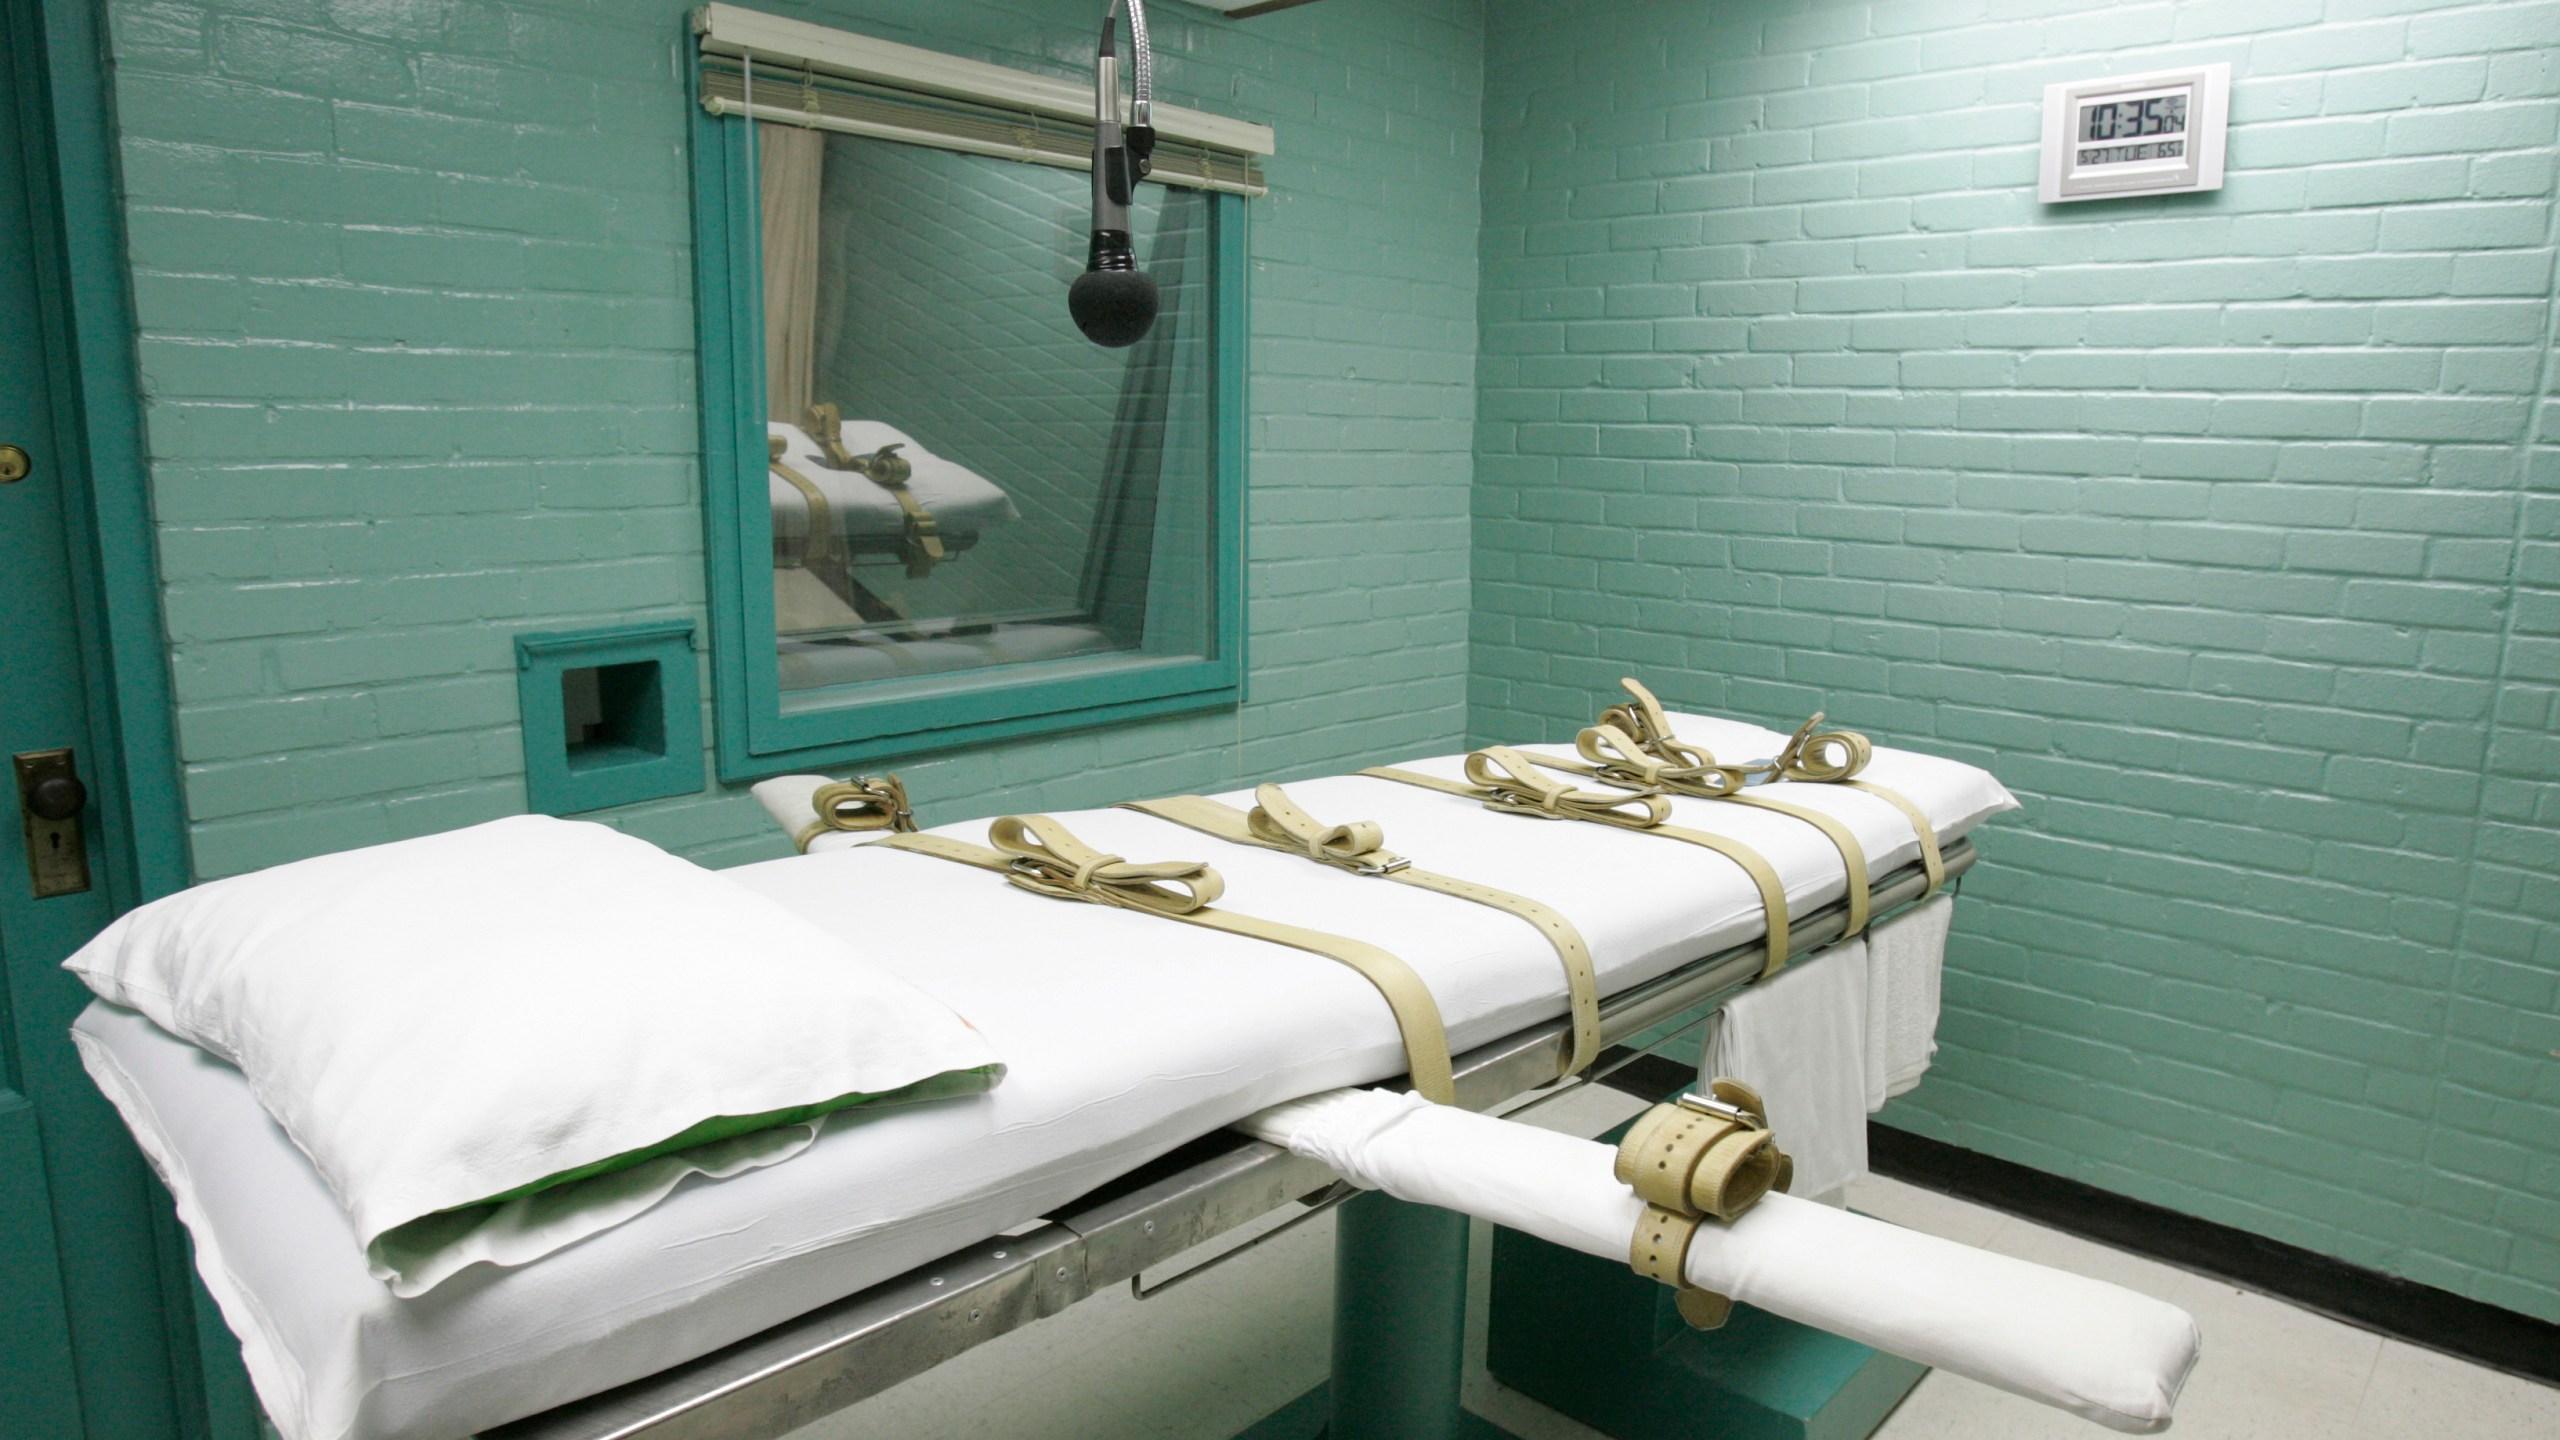 Death_Penalty_Texas_44820-159532.jpg28321694